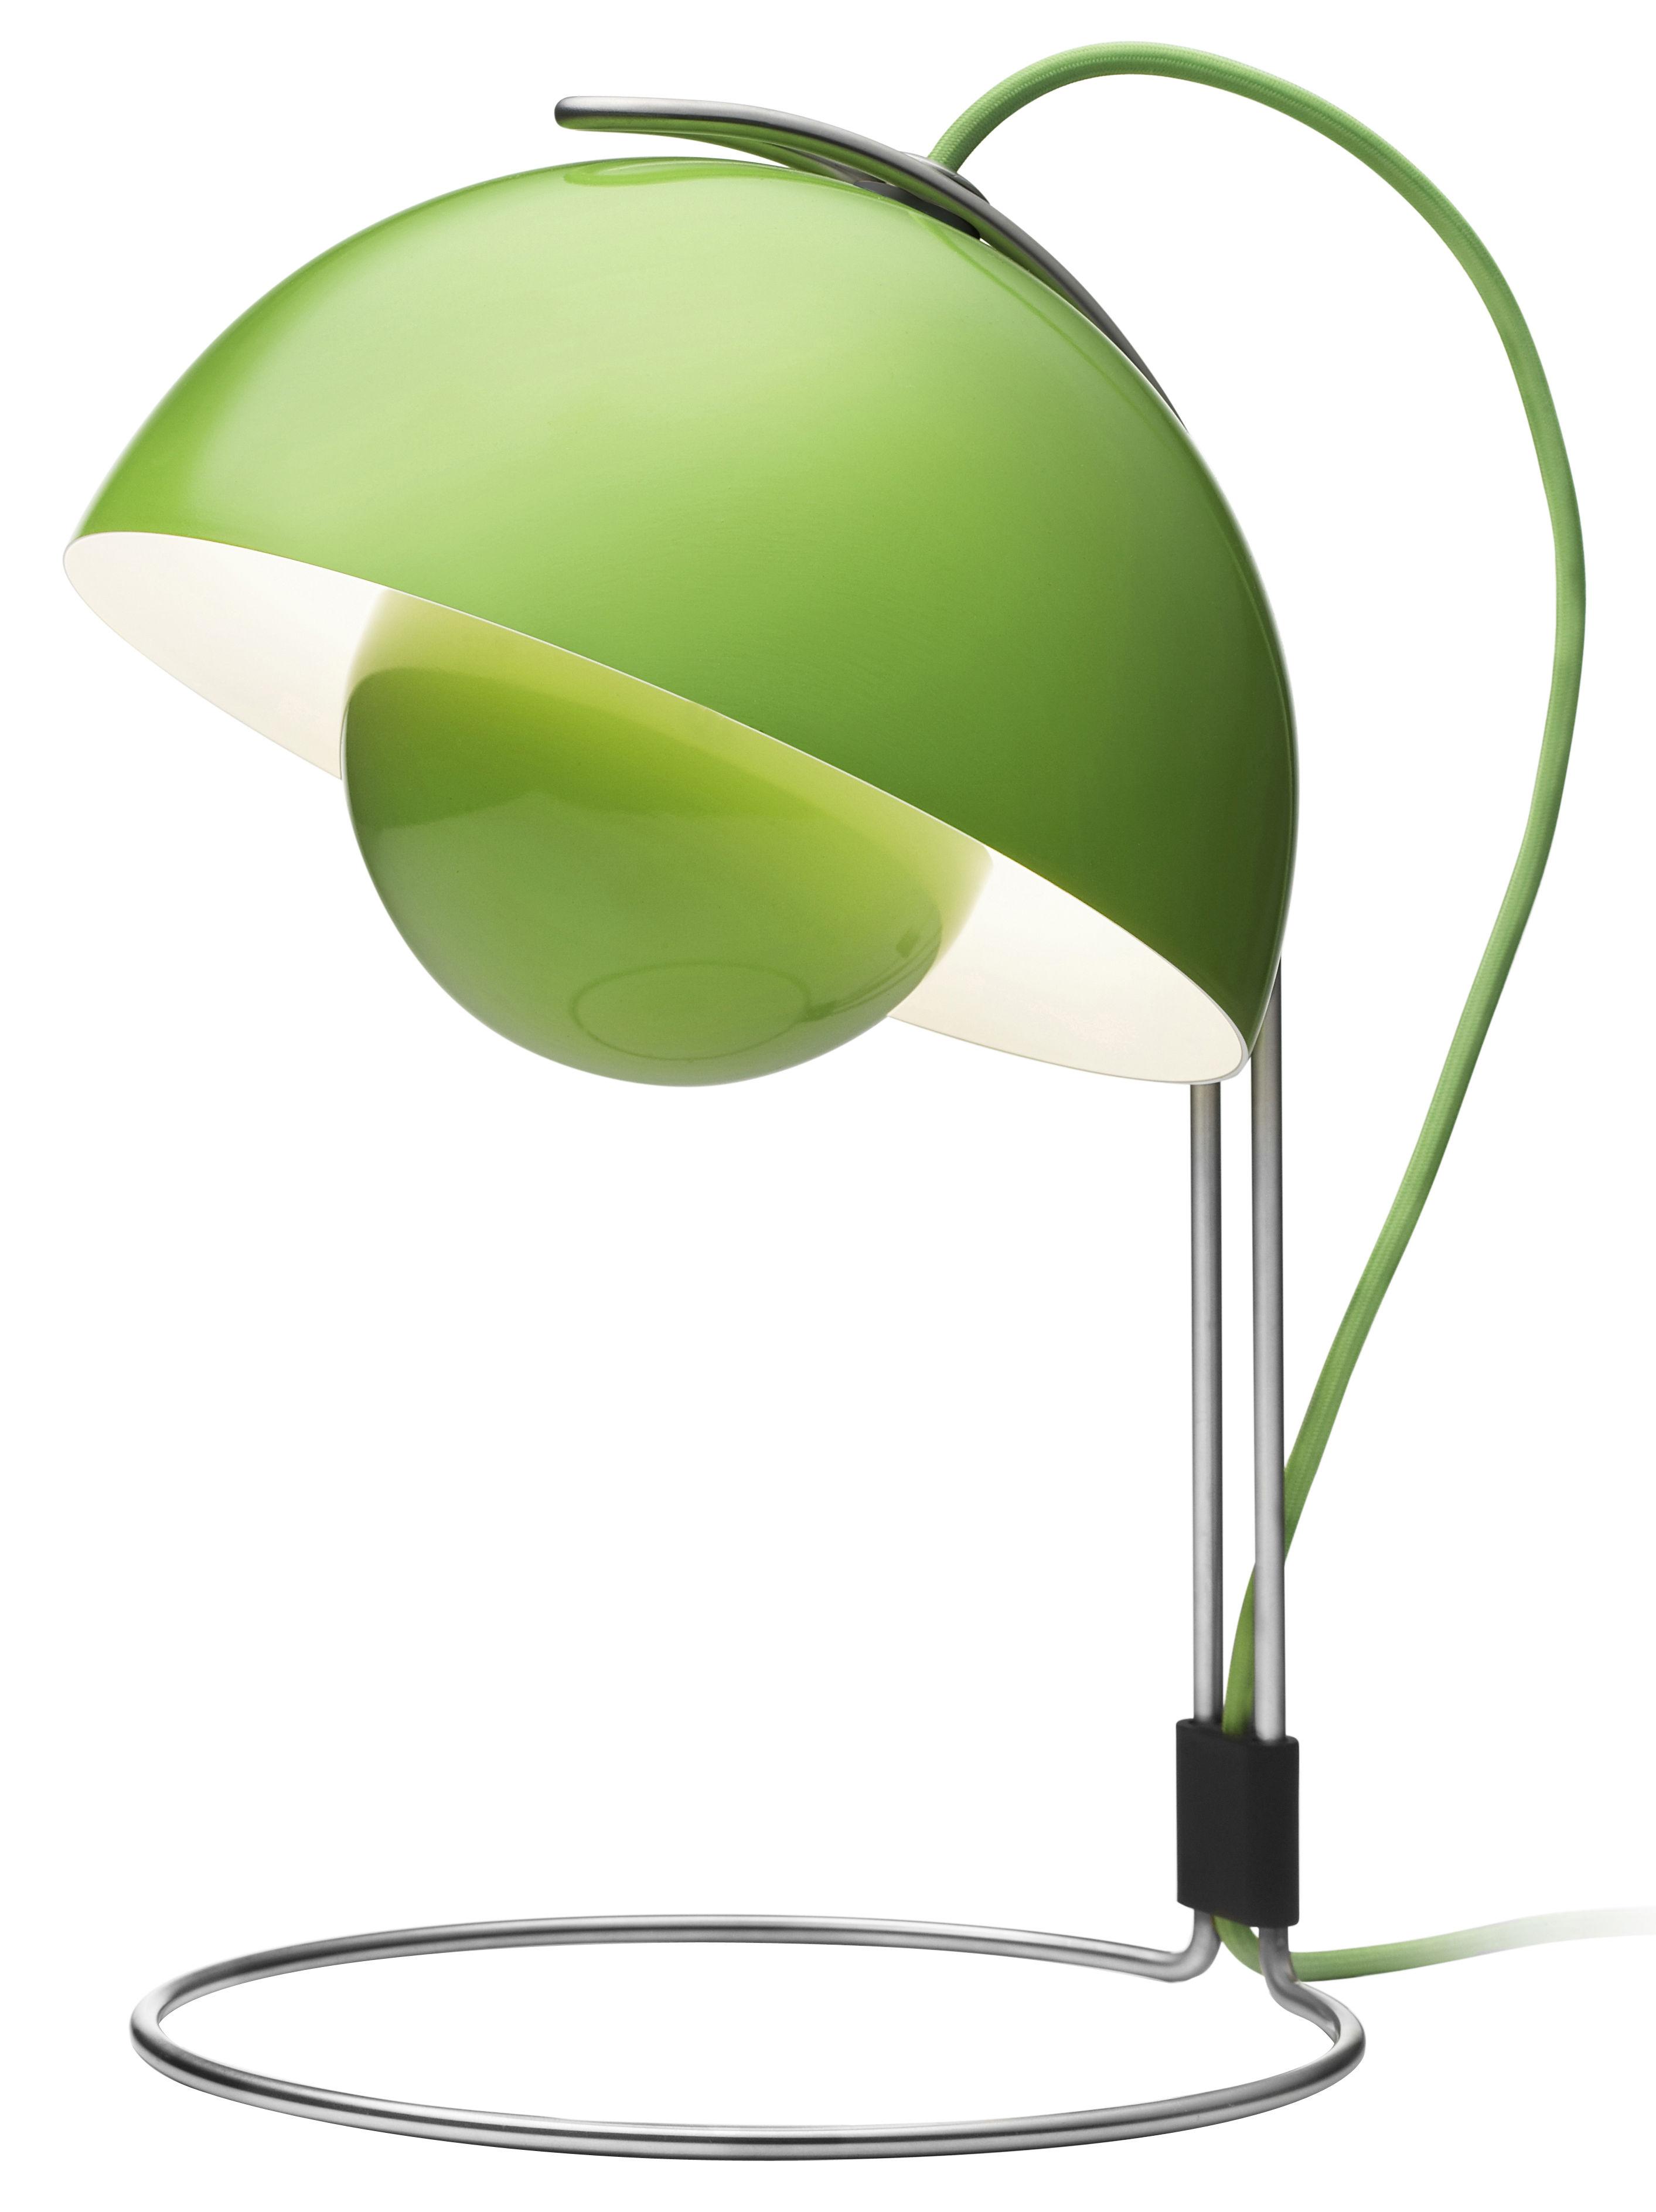 Flowerpot vp4 lampada da tavolo verde by tradition made - Lampada verde da tavolo ...